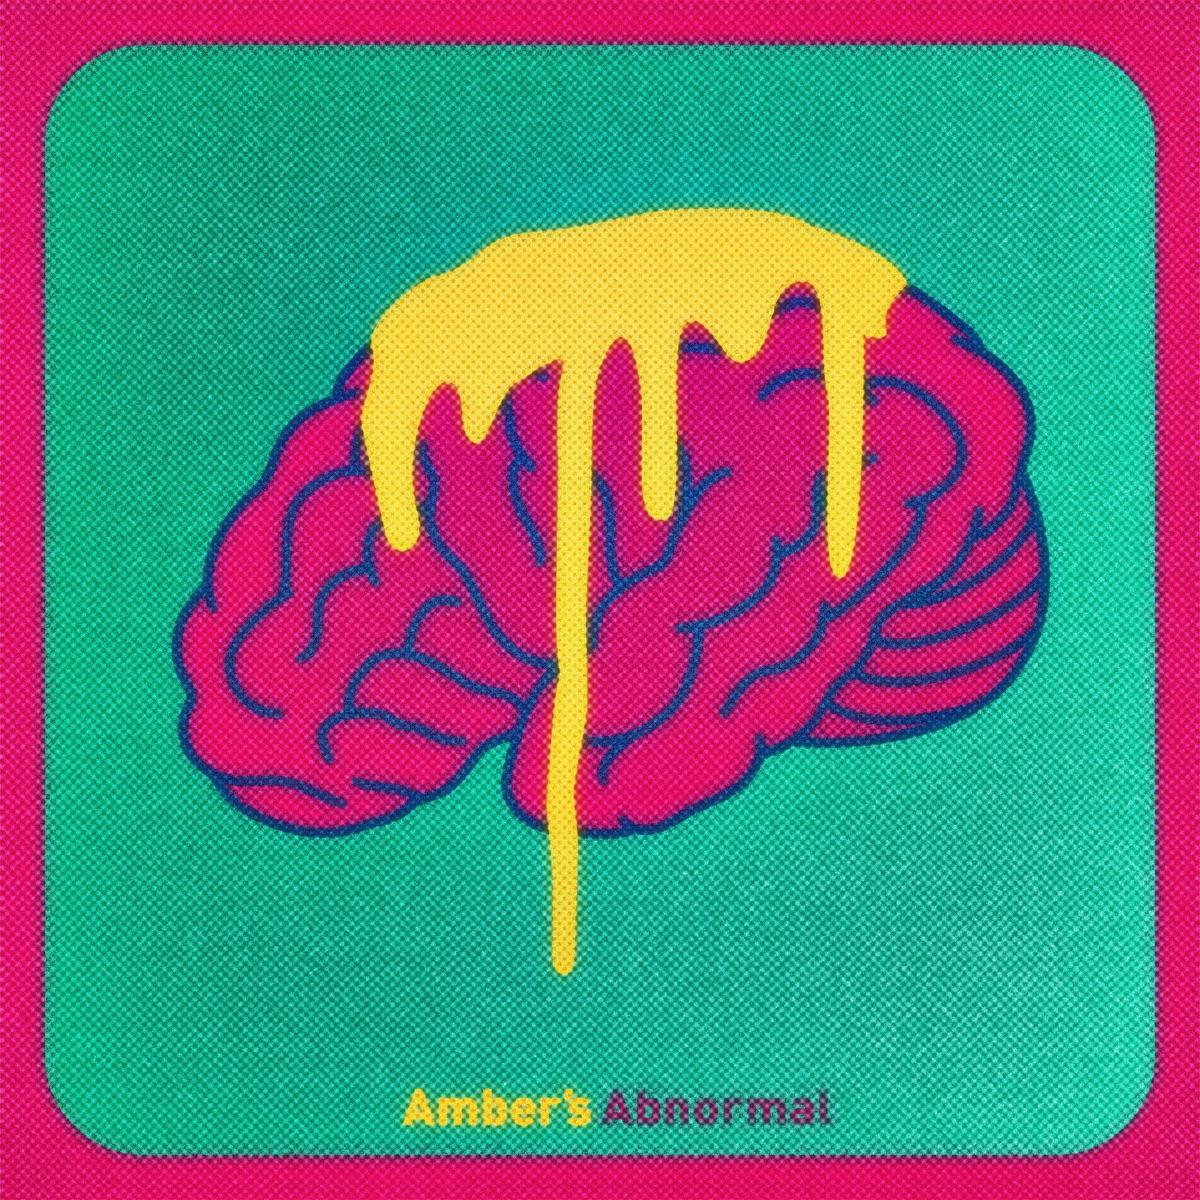 『Amber's - アブノーマル』収録の『アブノーマル』ジャケット